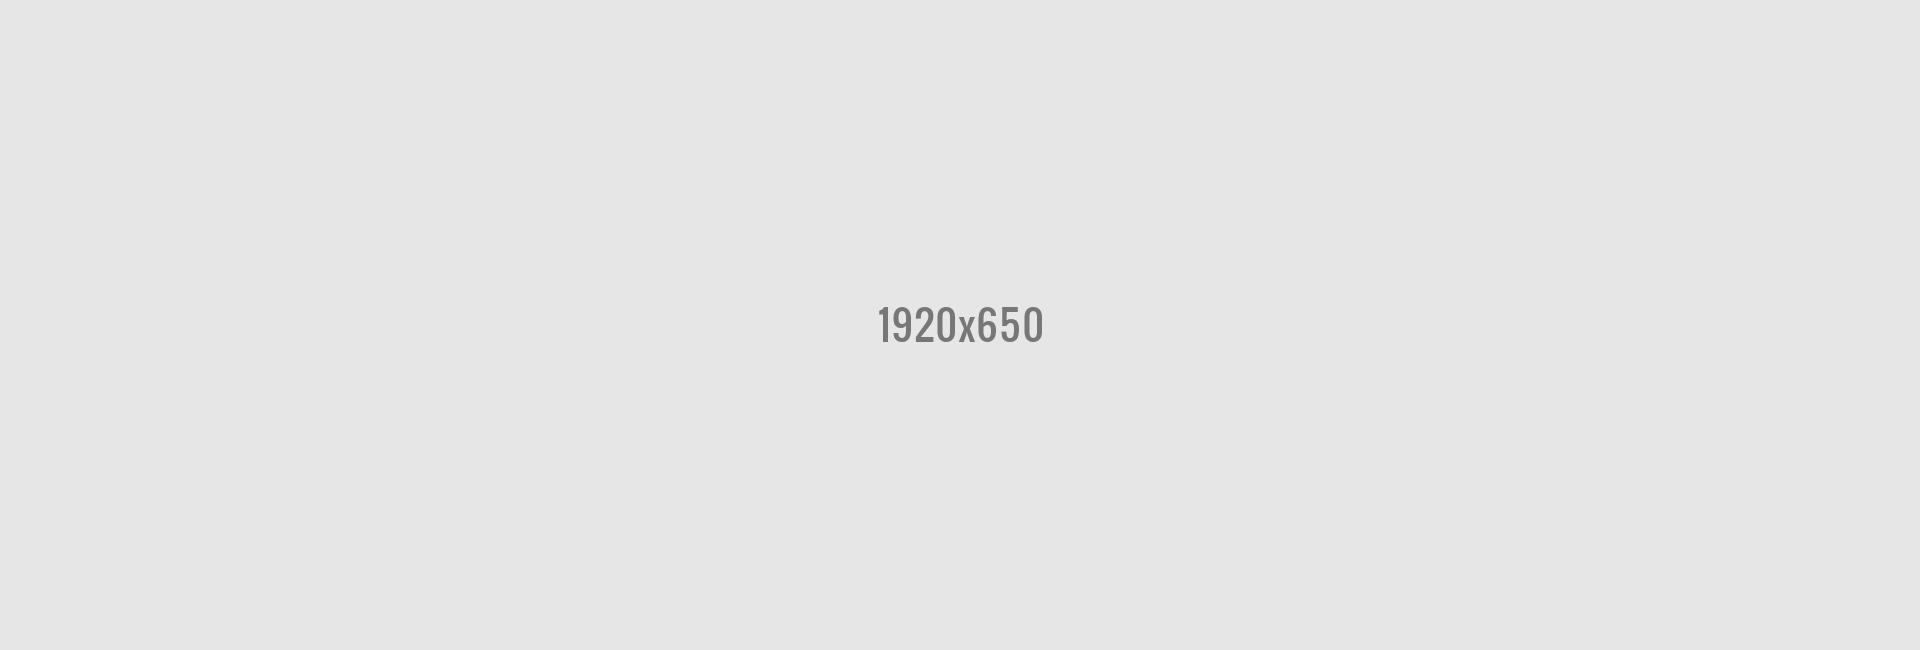 Plazathemes/bannerslider/images/s/l/slider1-grand1.jpg